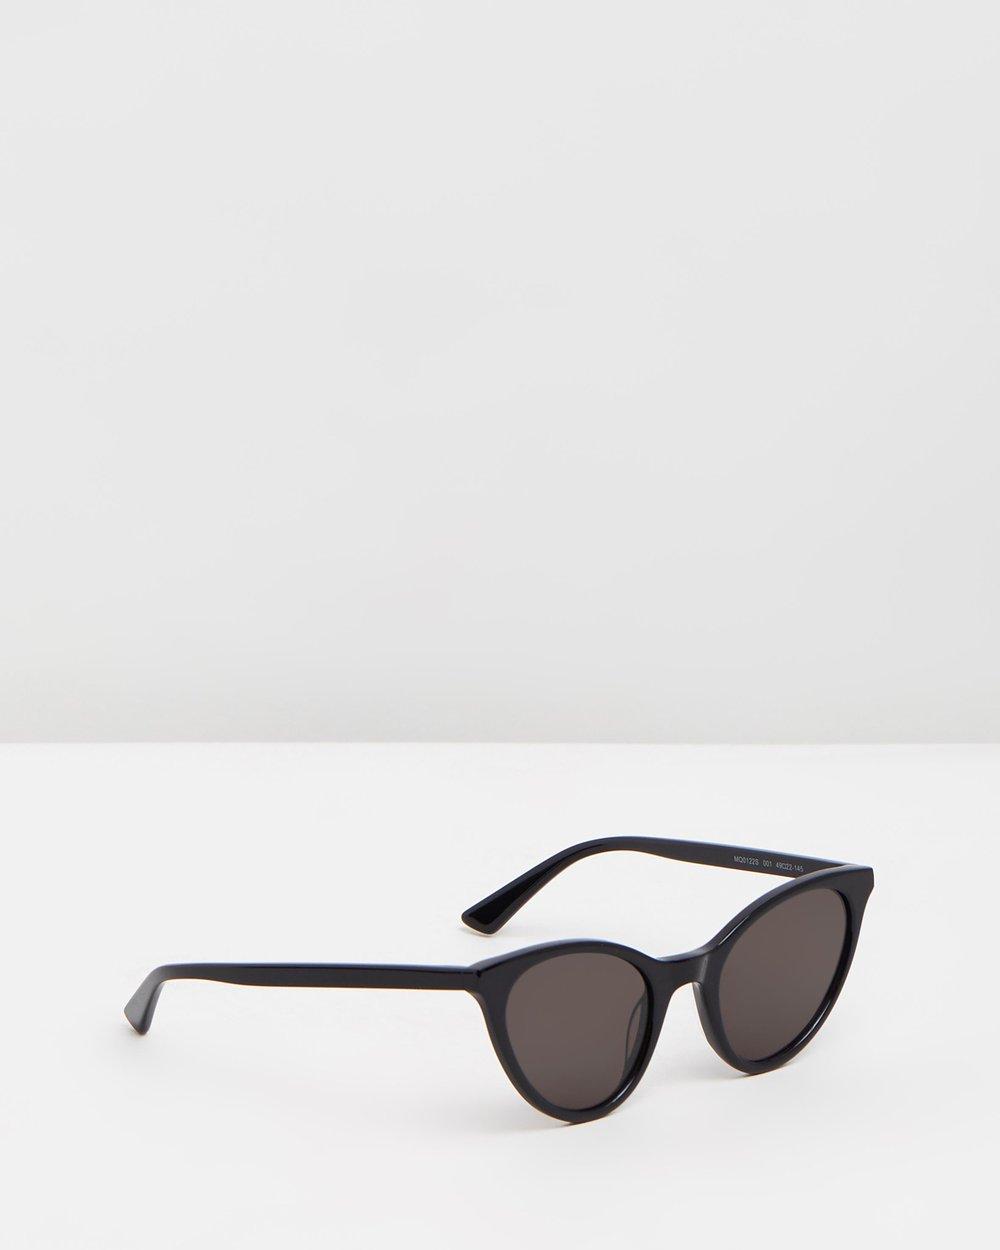 24d0da3a18 MQ0 Cat-Eye Sunglasses by McQ by Alexander McQueen Online